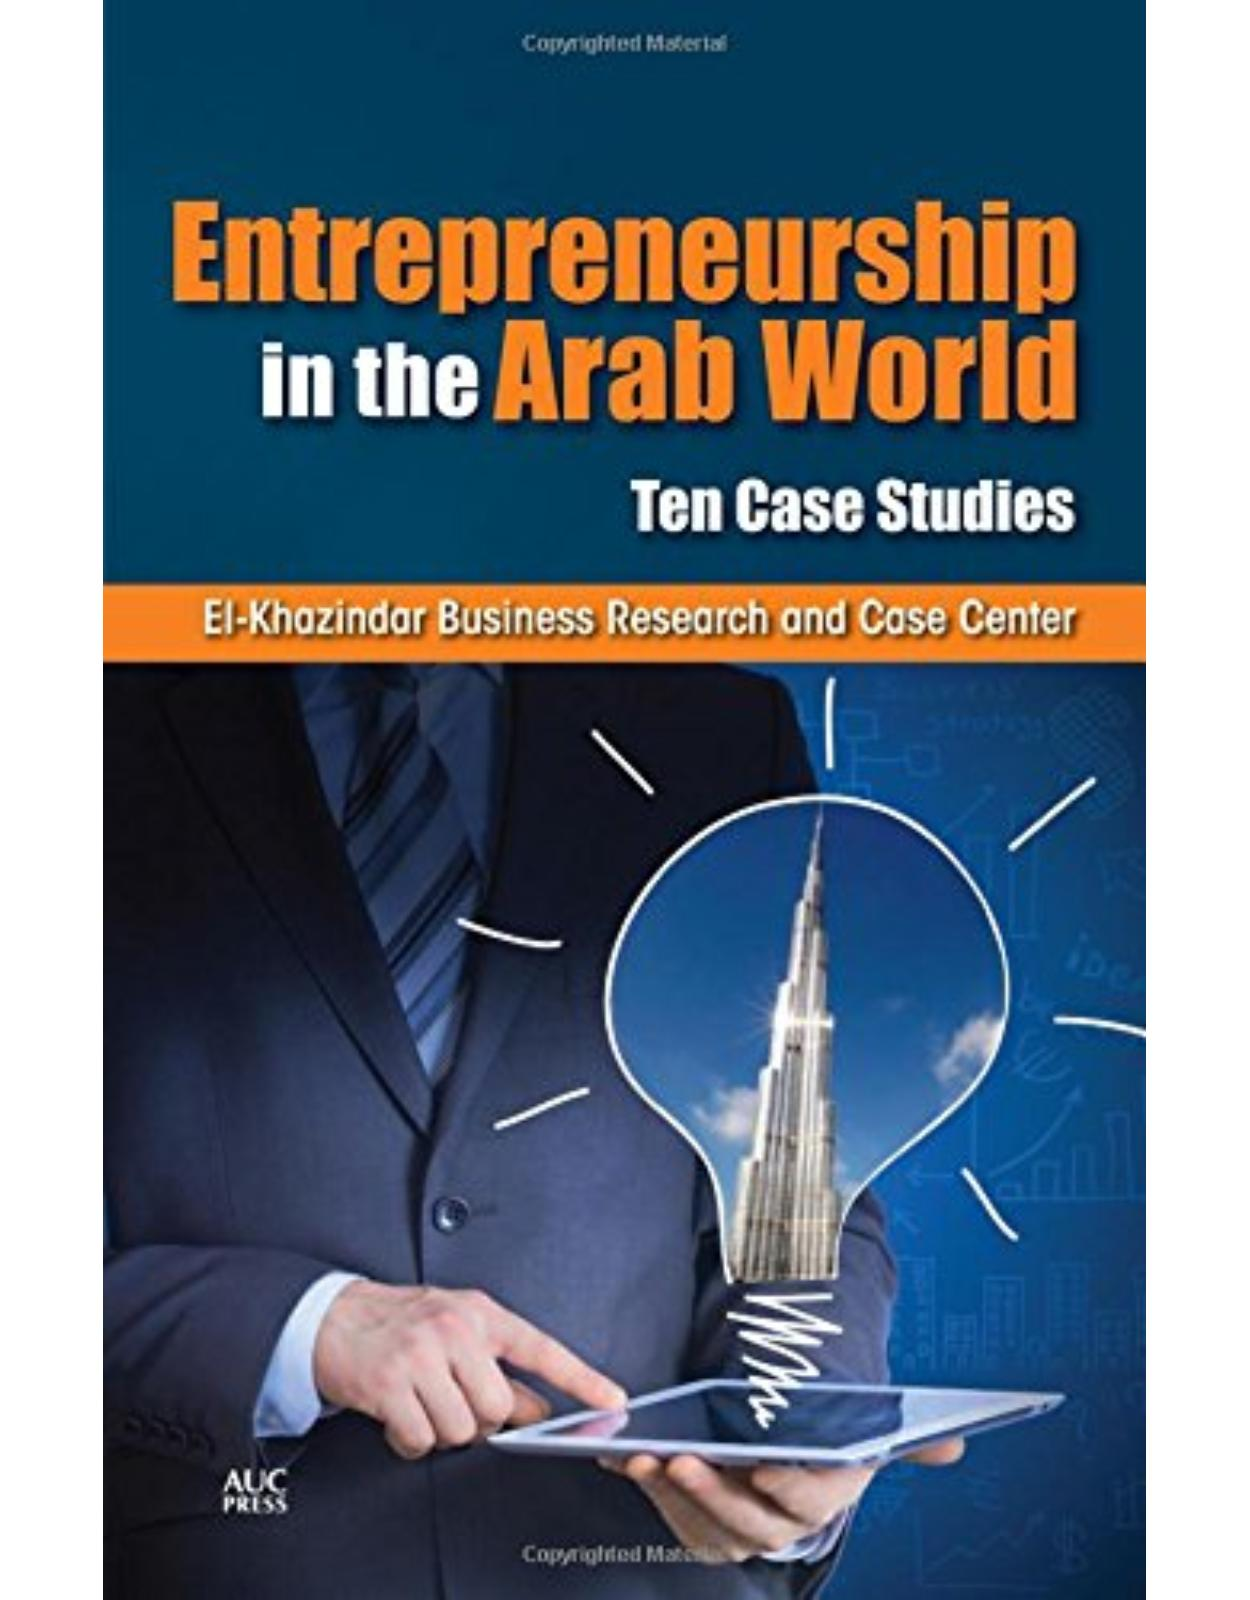 Entrepreneurship in the Arab World: Ten Case Studies